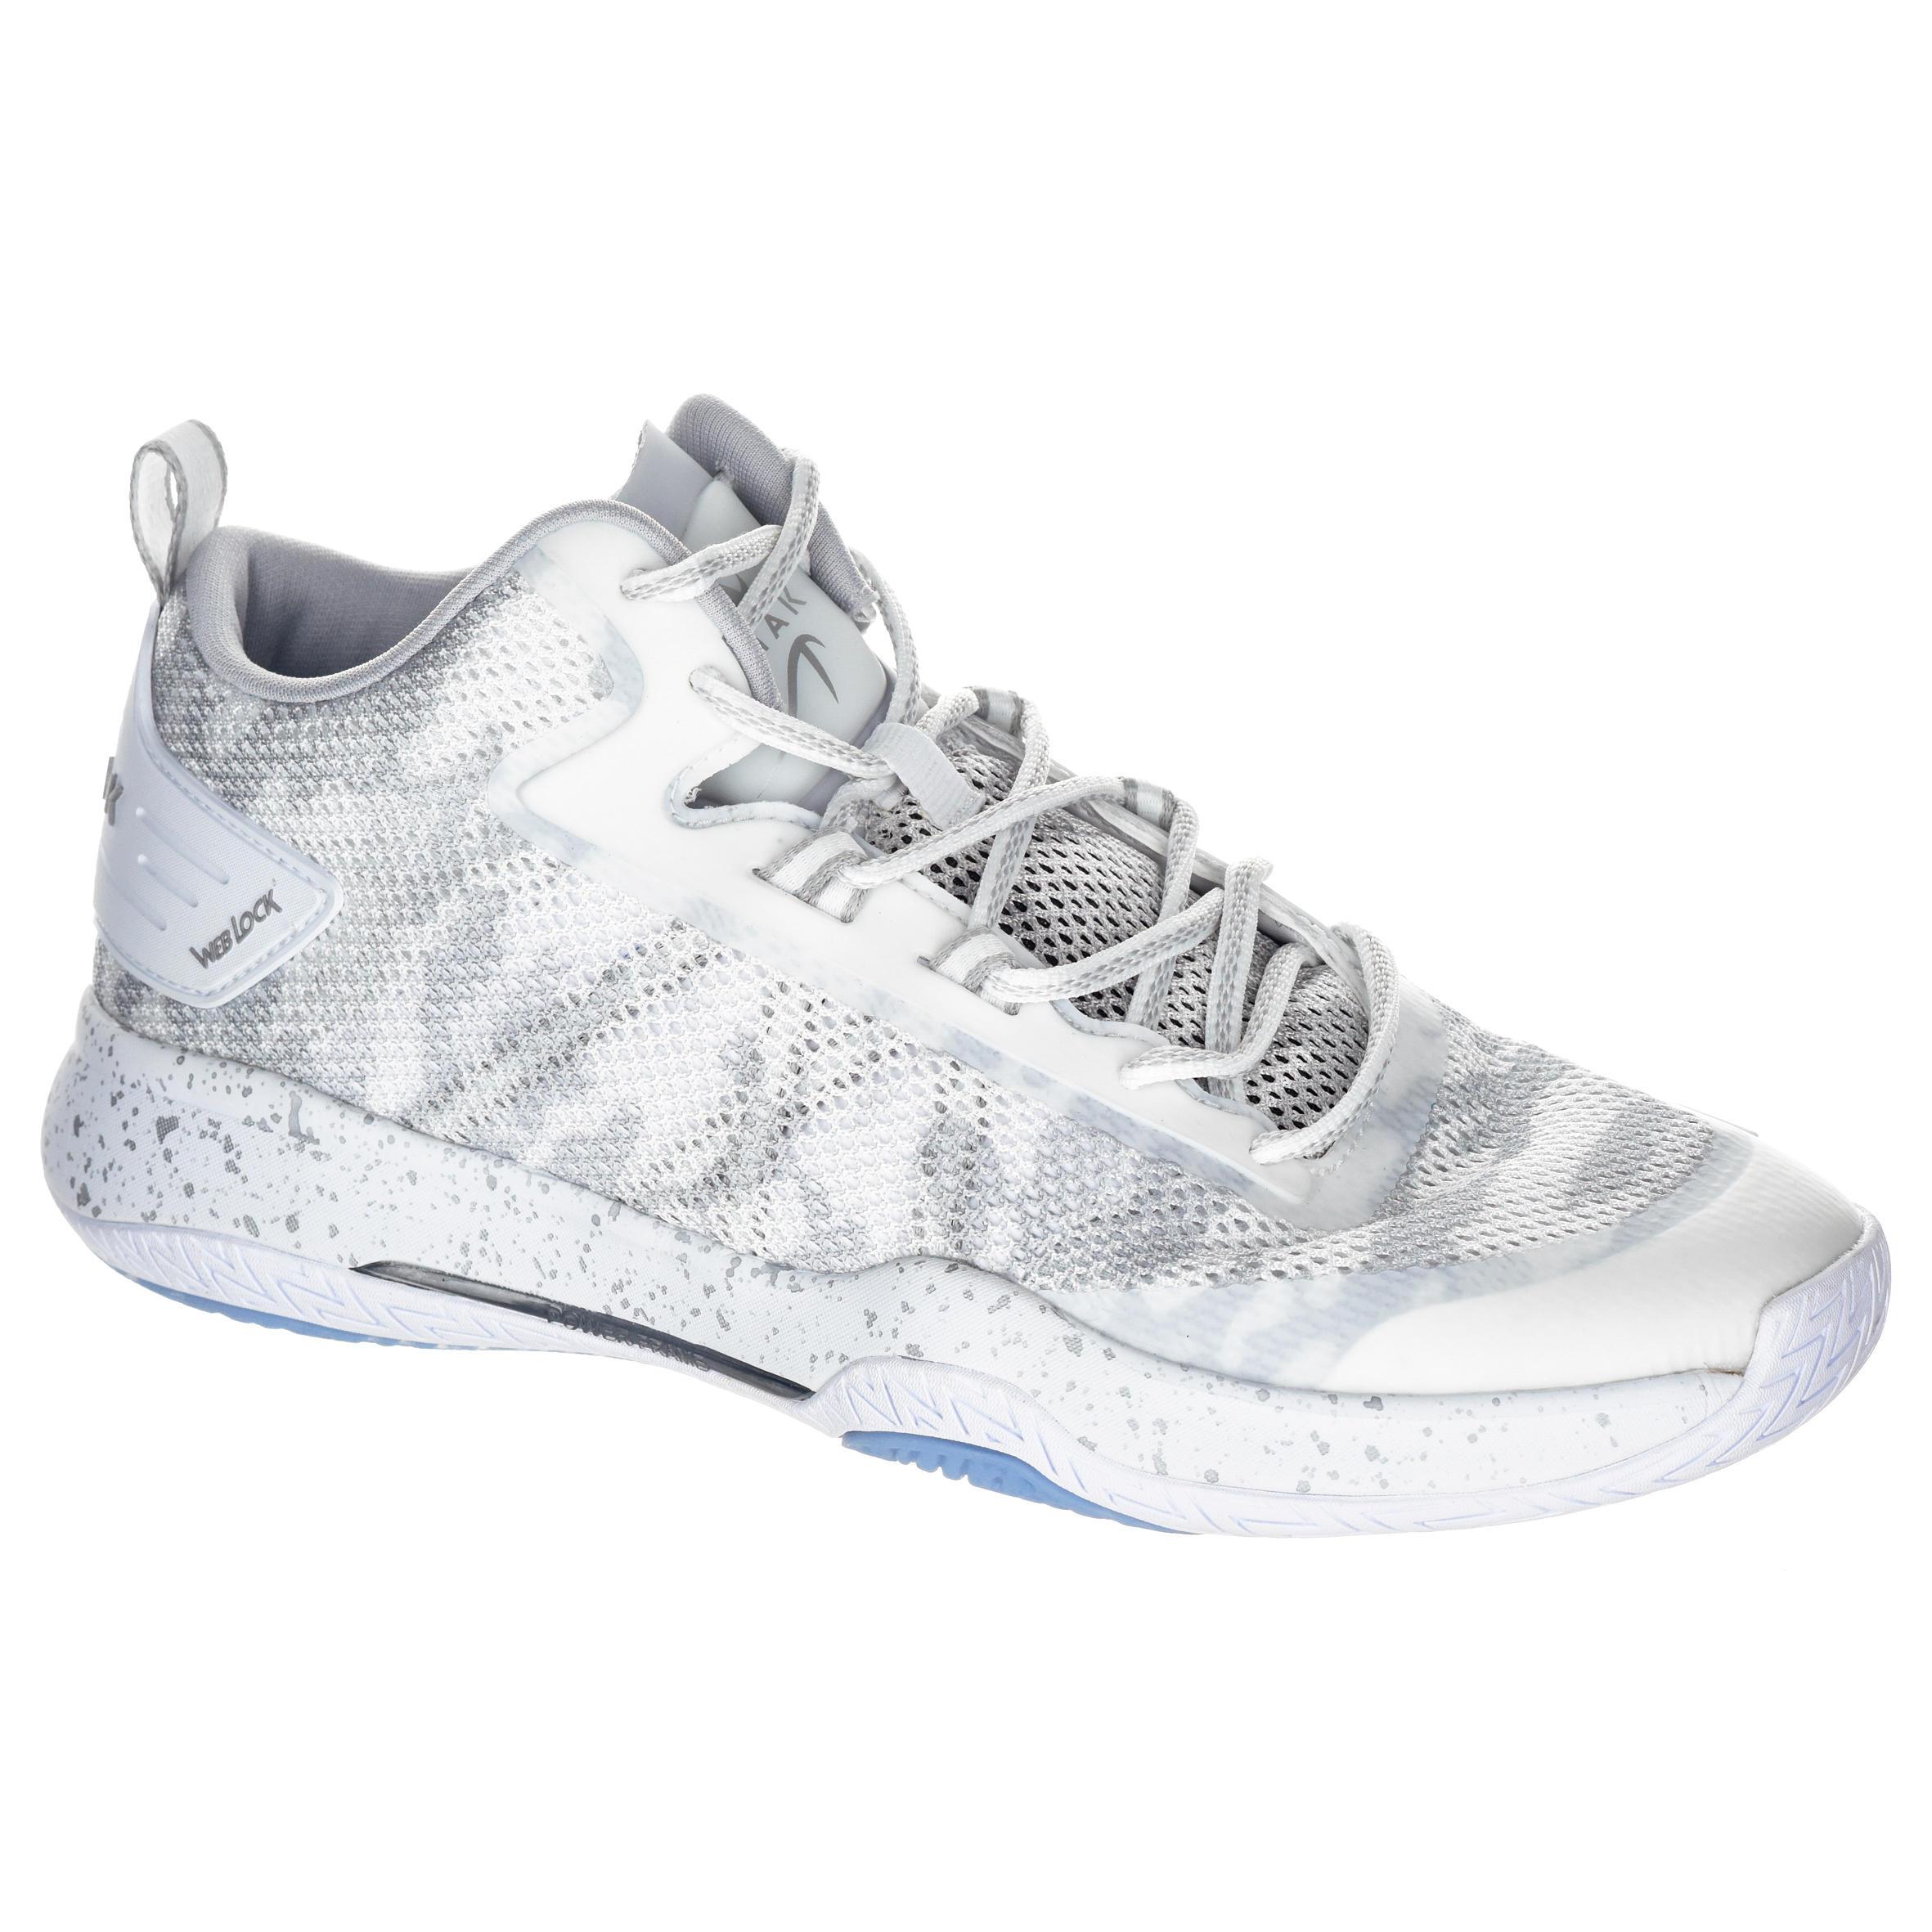 Basketballschuhe SC500 Mid Herren | Schuhe > Sportschuhe > Basketballschuhe | Tarmak